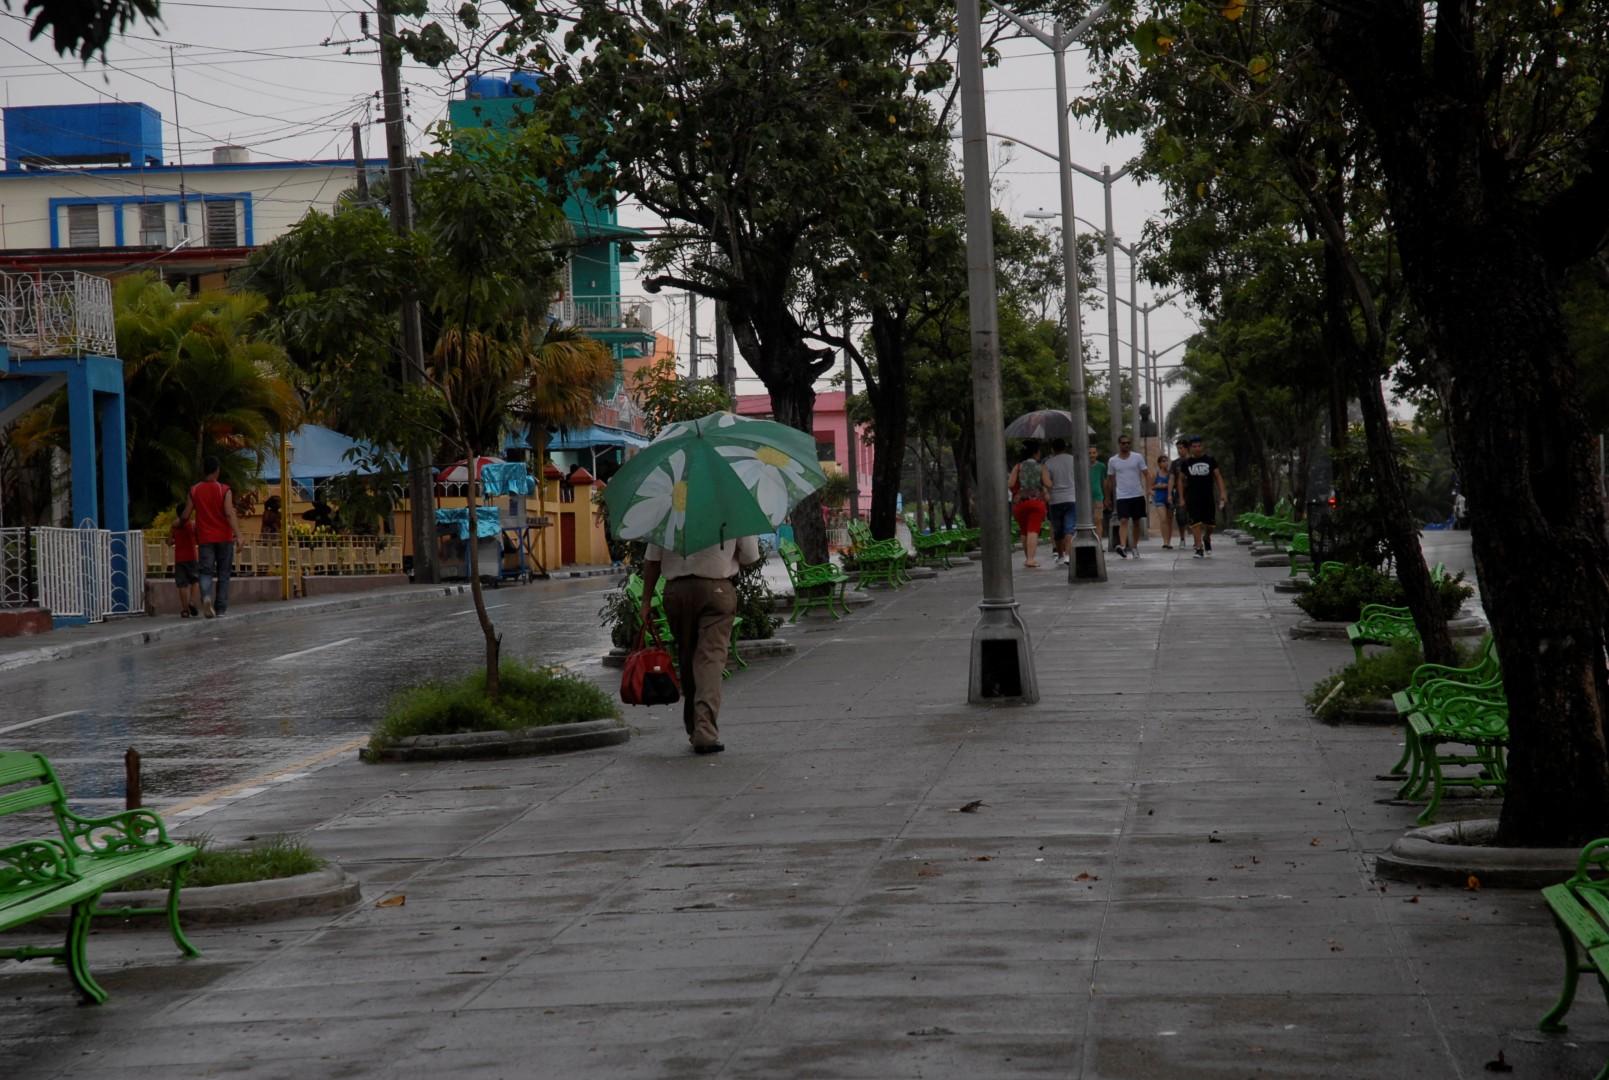 Sancti Spíritus, 26 de Julio, Moncada, lluvia